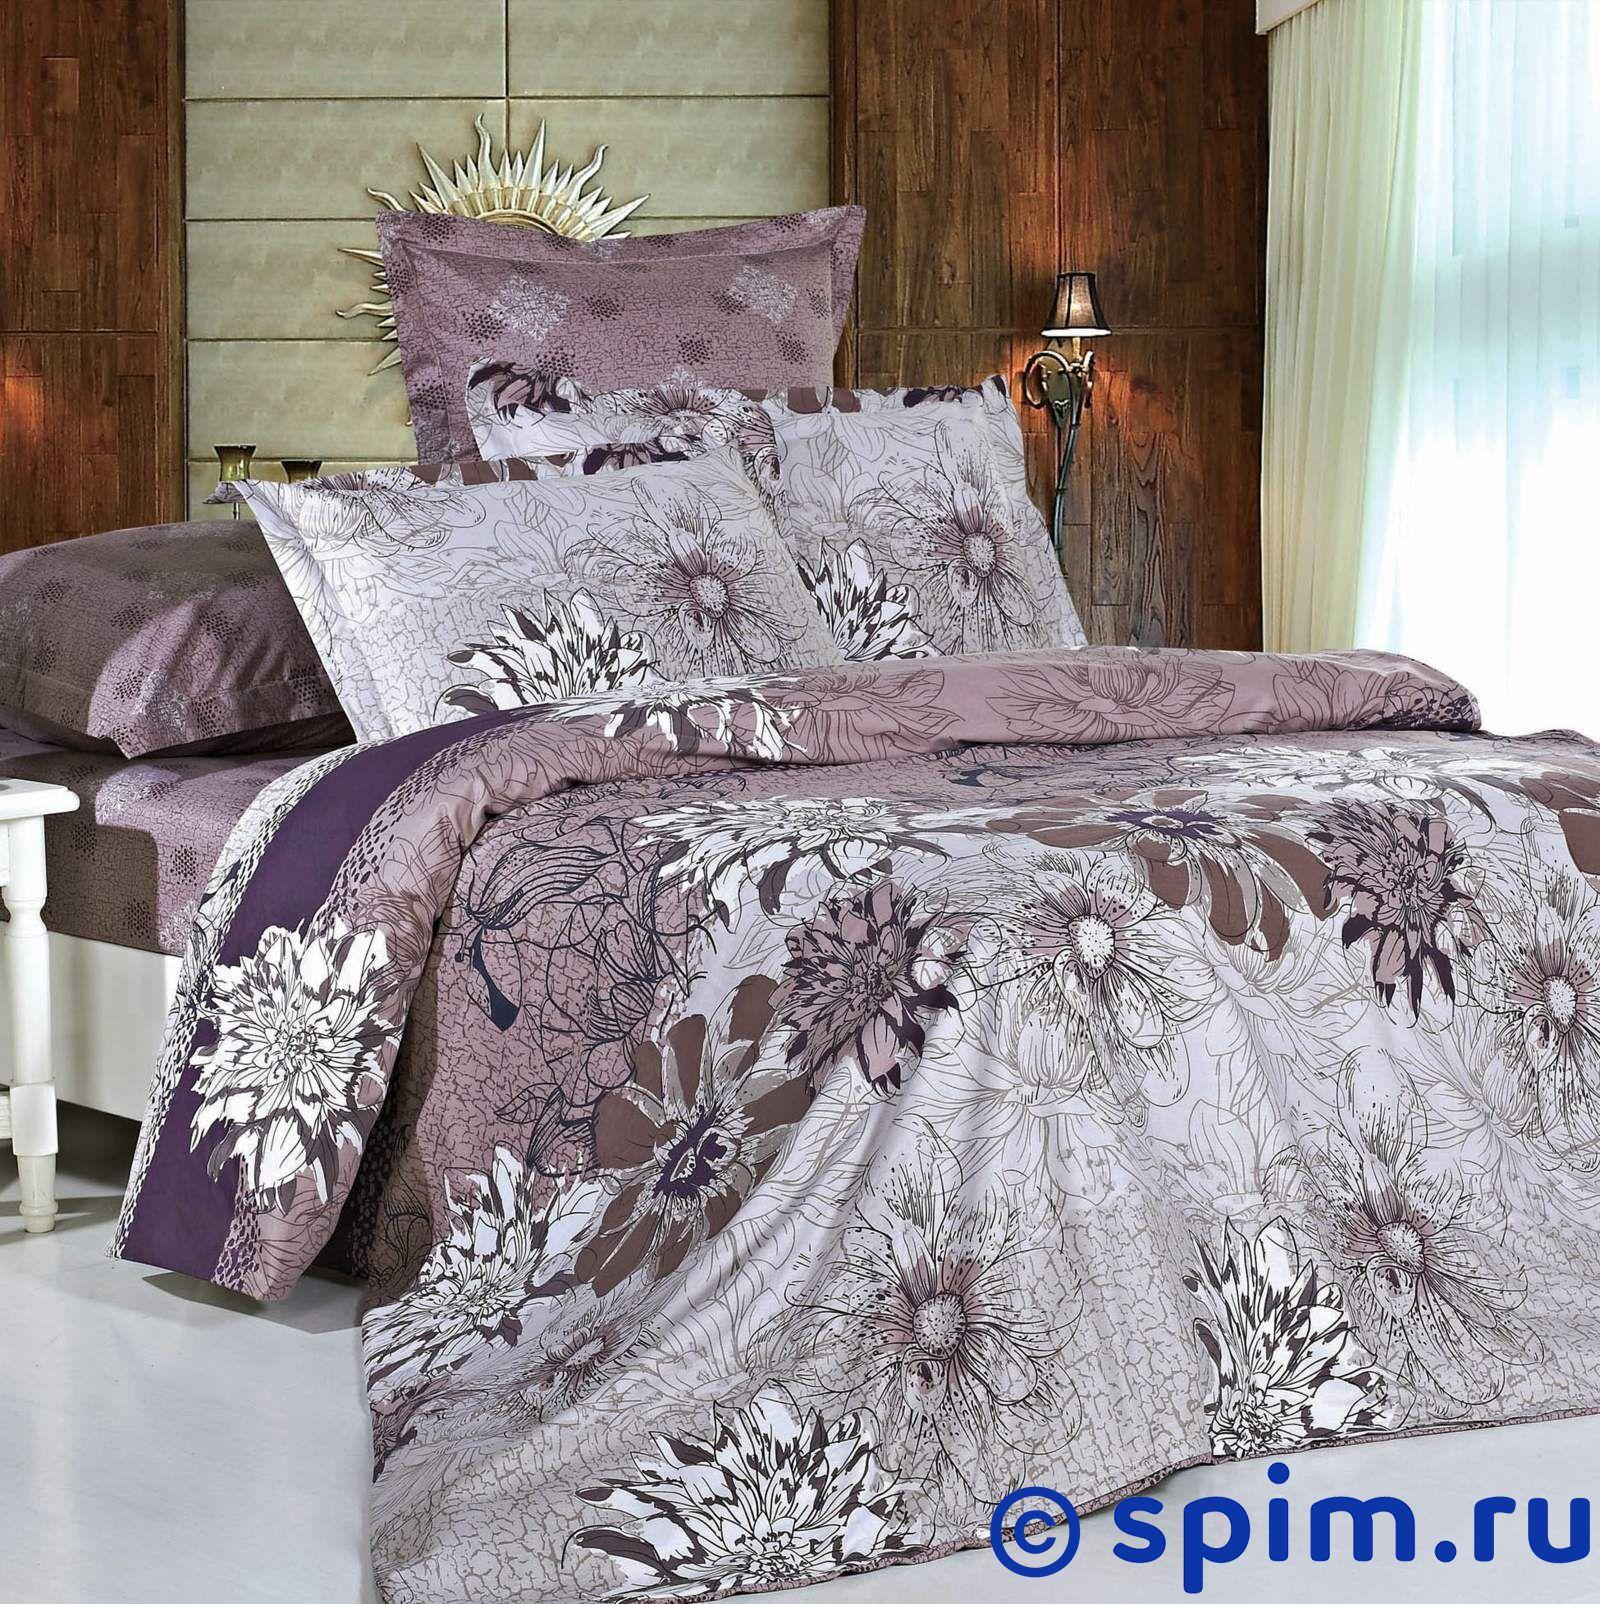 Комплект СайлиД В123 1.5 спальное